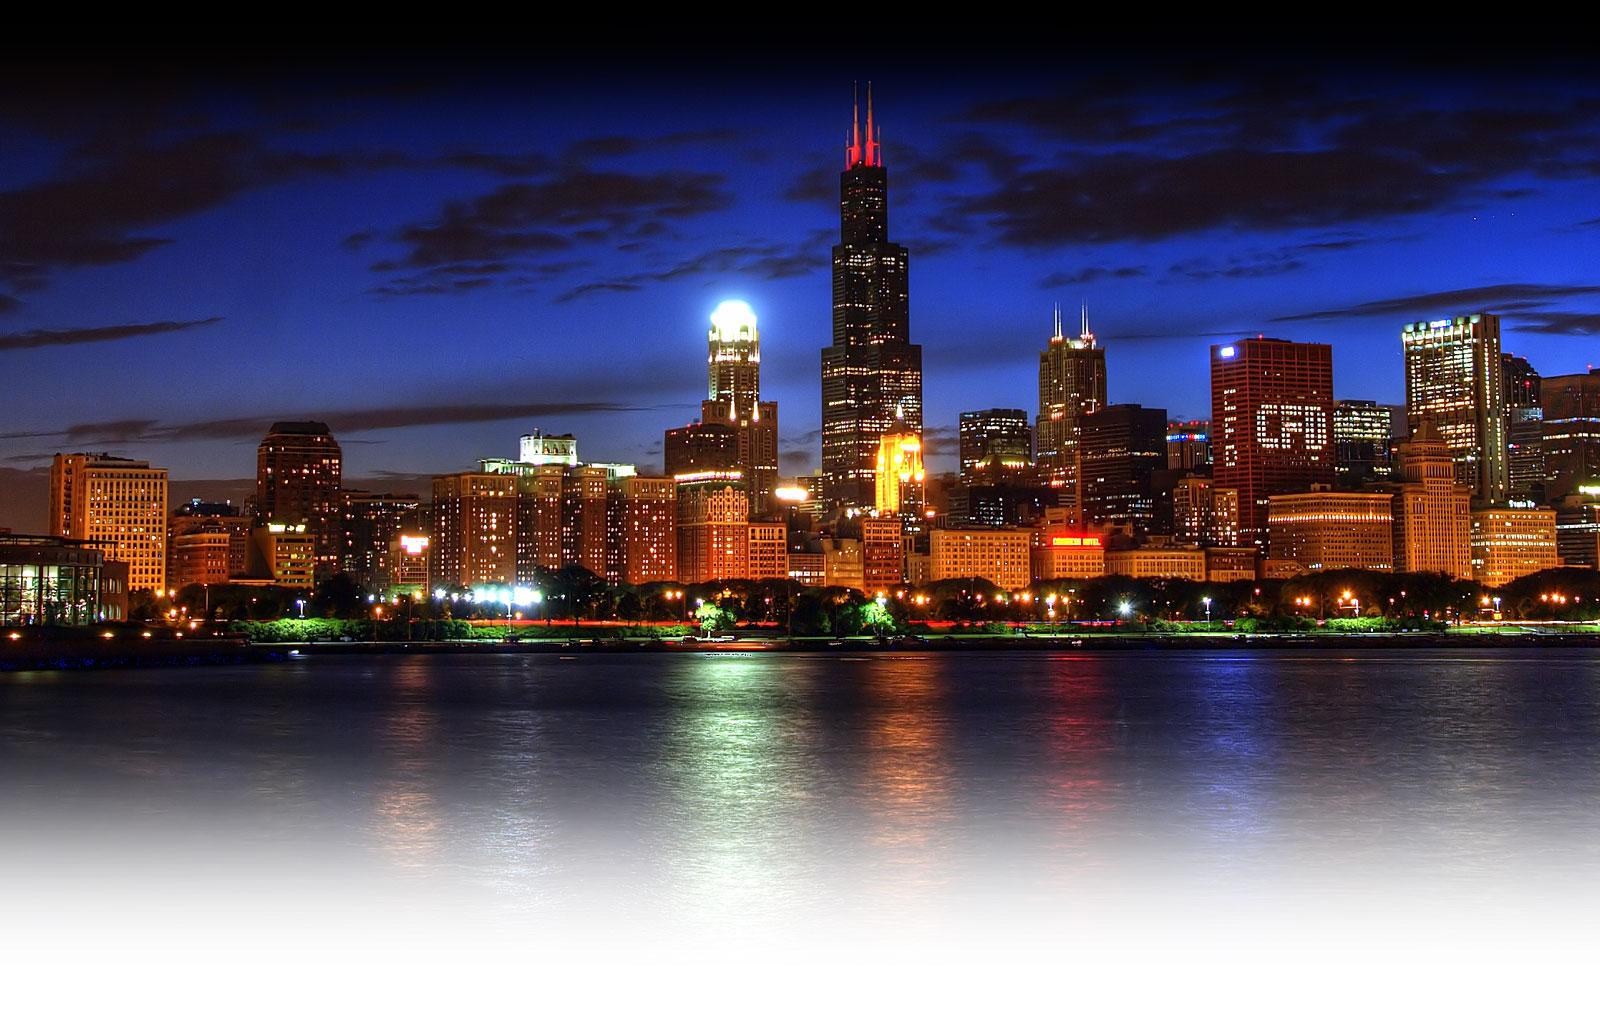 Chicago skyline wallpaper best cool wallpaper hd download 1600x1014 voltagebd Gallery